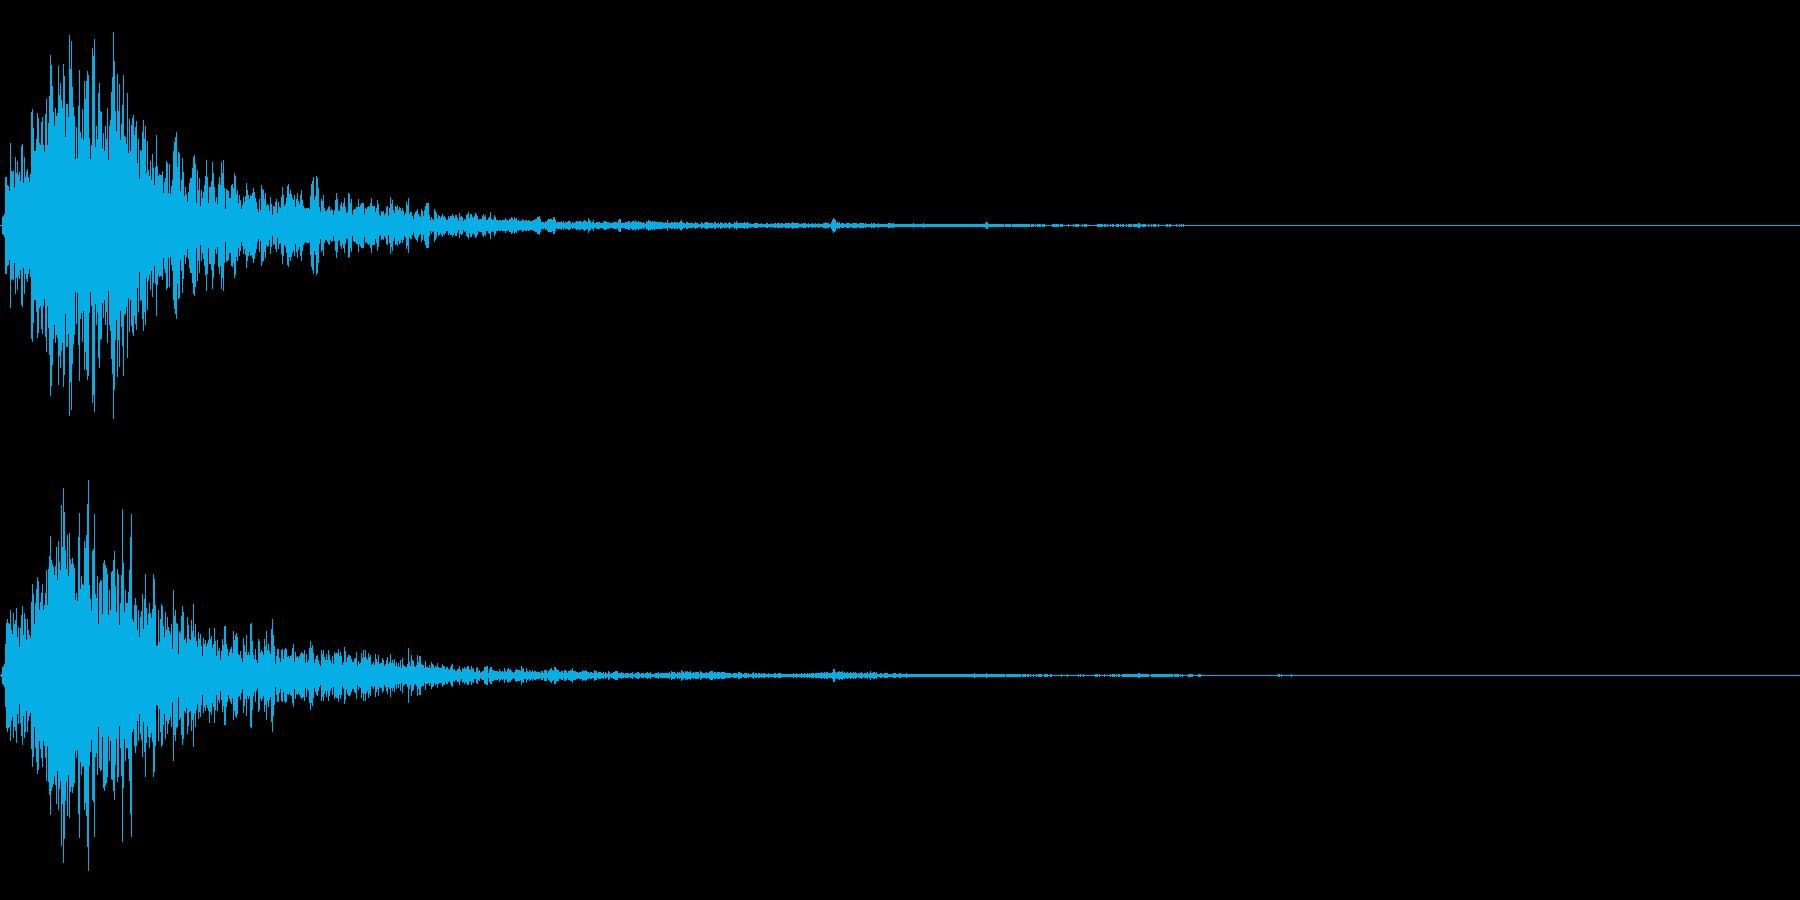 シュッ衝撃音ホラーサスペンスに最適のSEの再生済みの波形